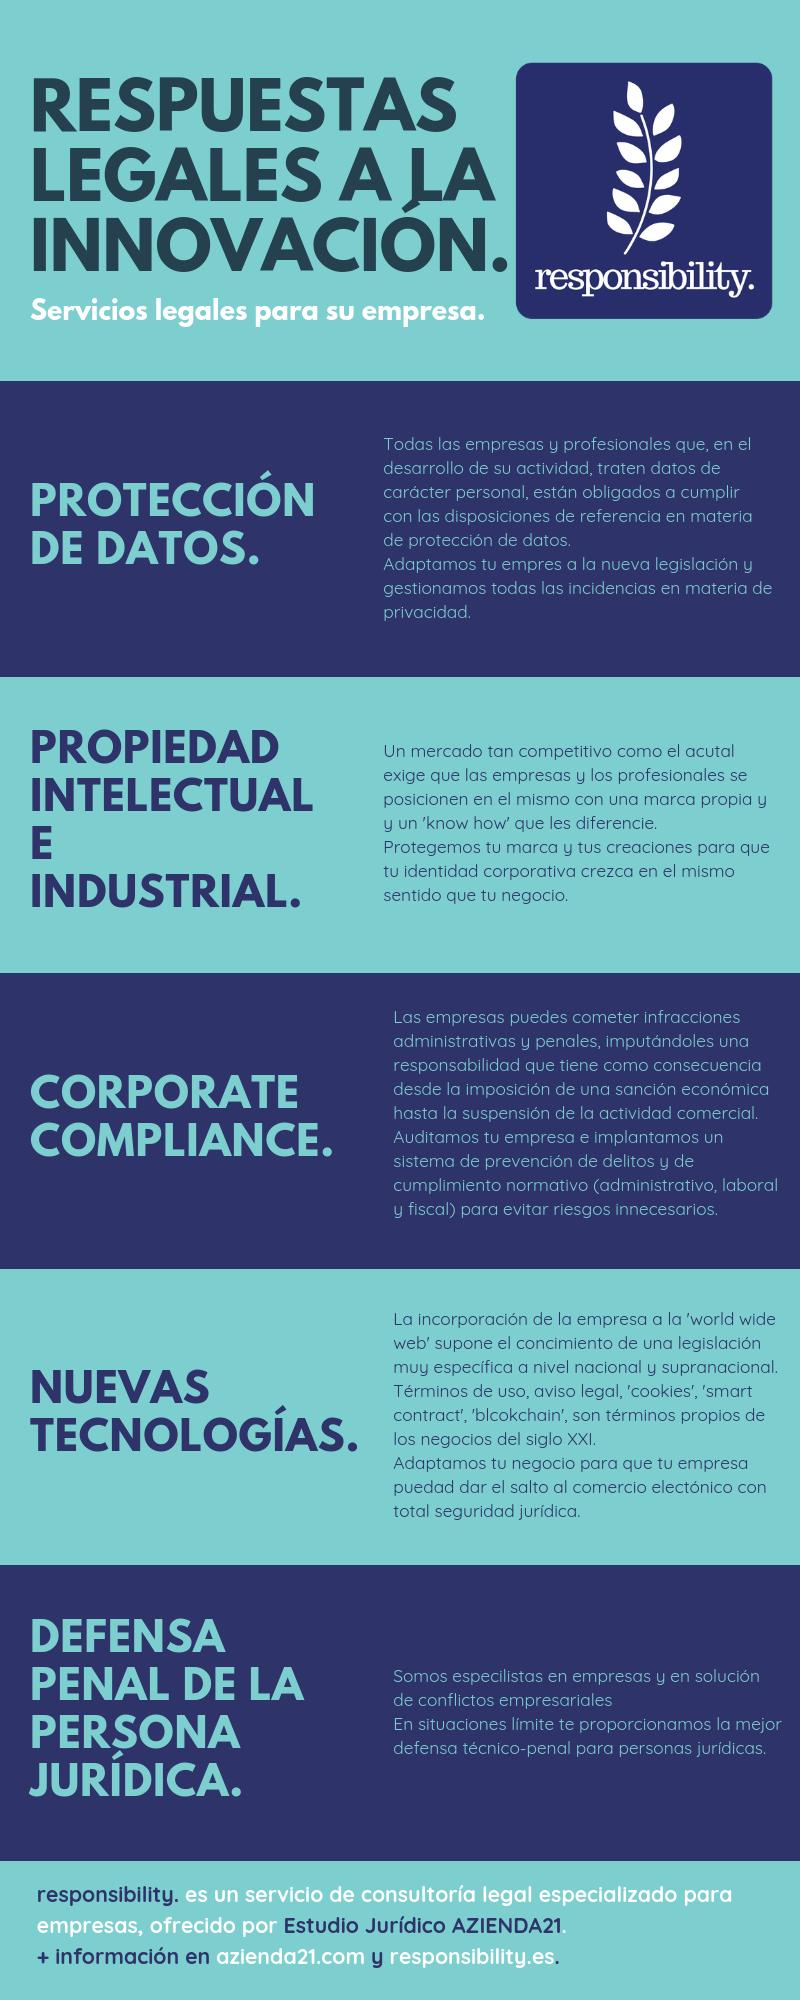 responsibility_respuestas_legales_a_la_innovacion